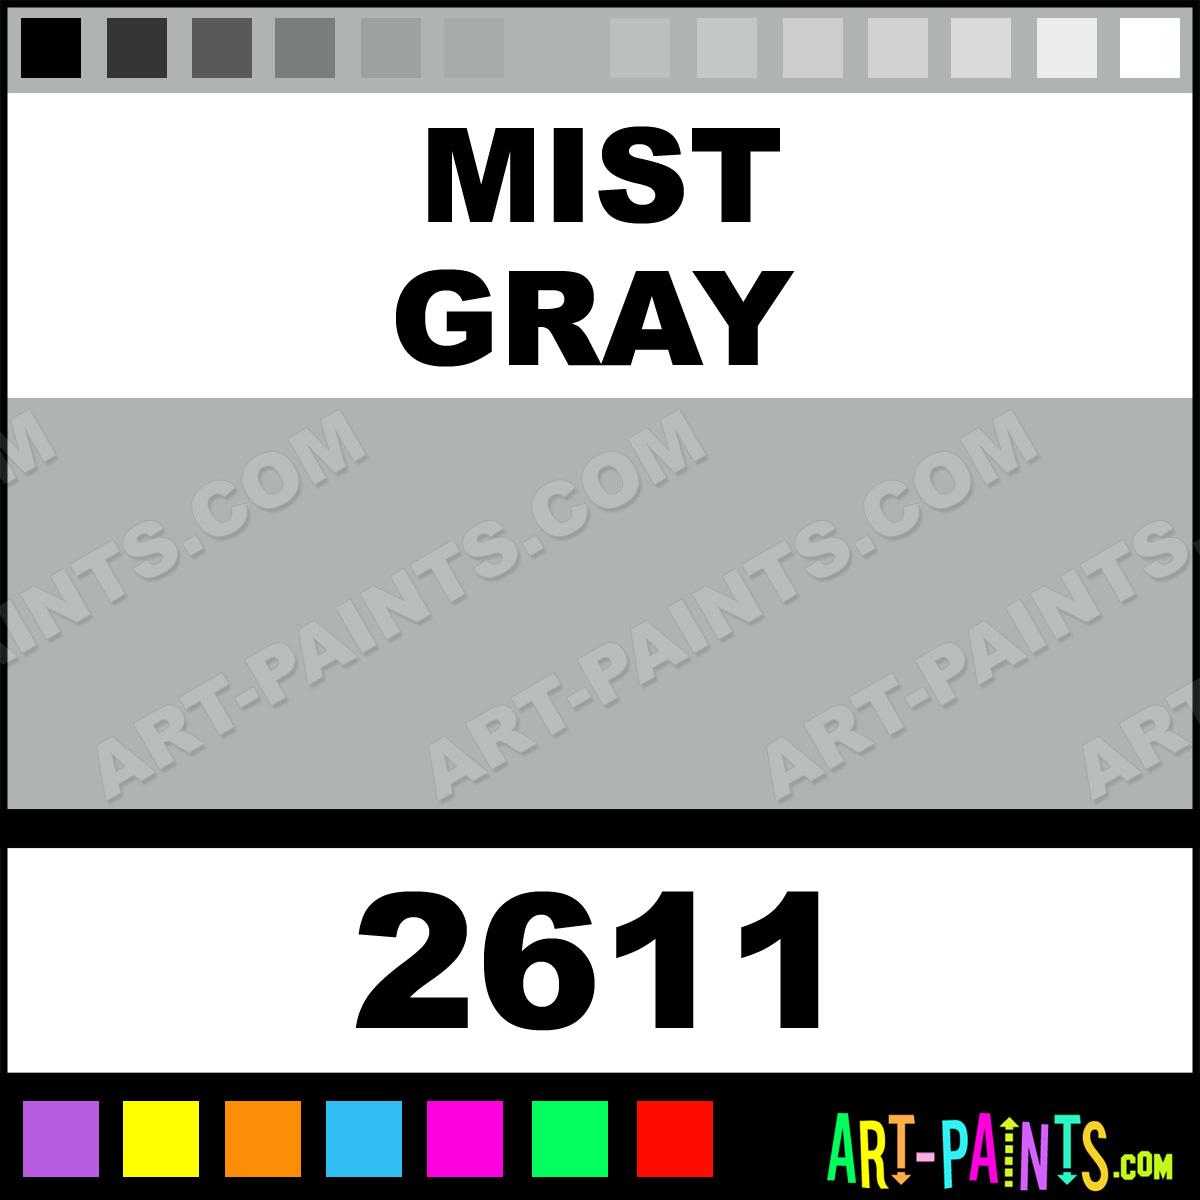 Mist Gray Fabricmate Superfine Paintmarker Marking Pen